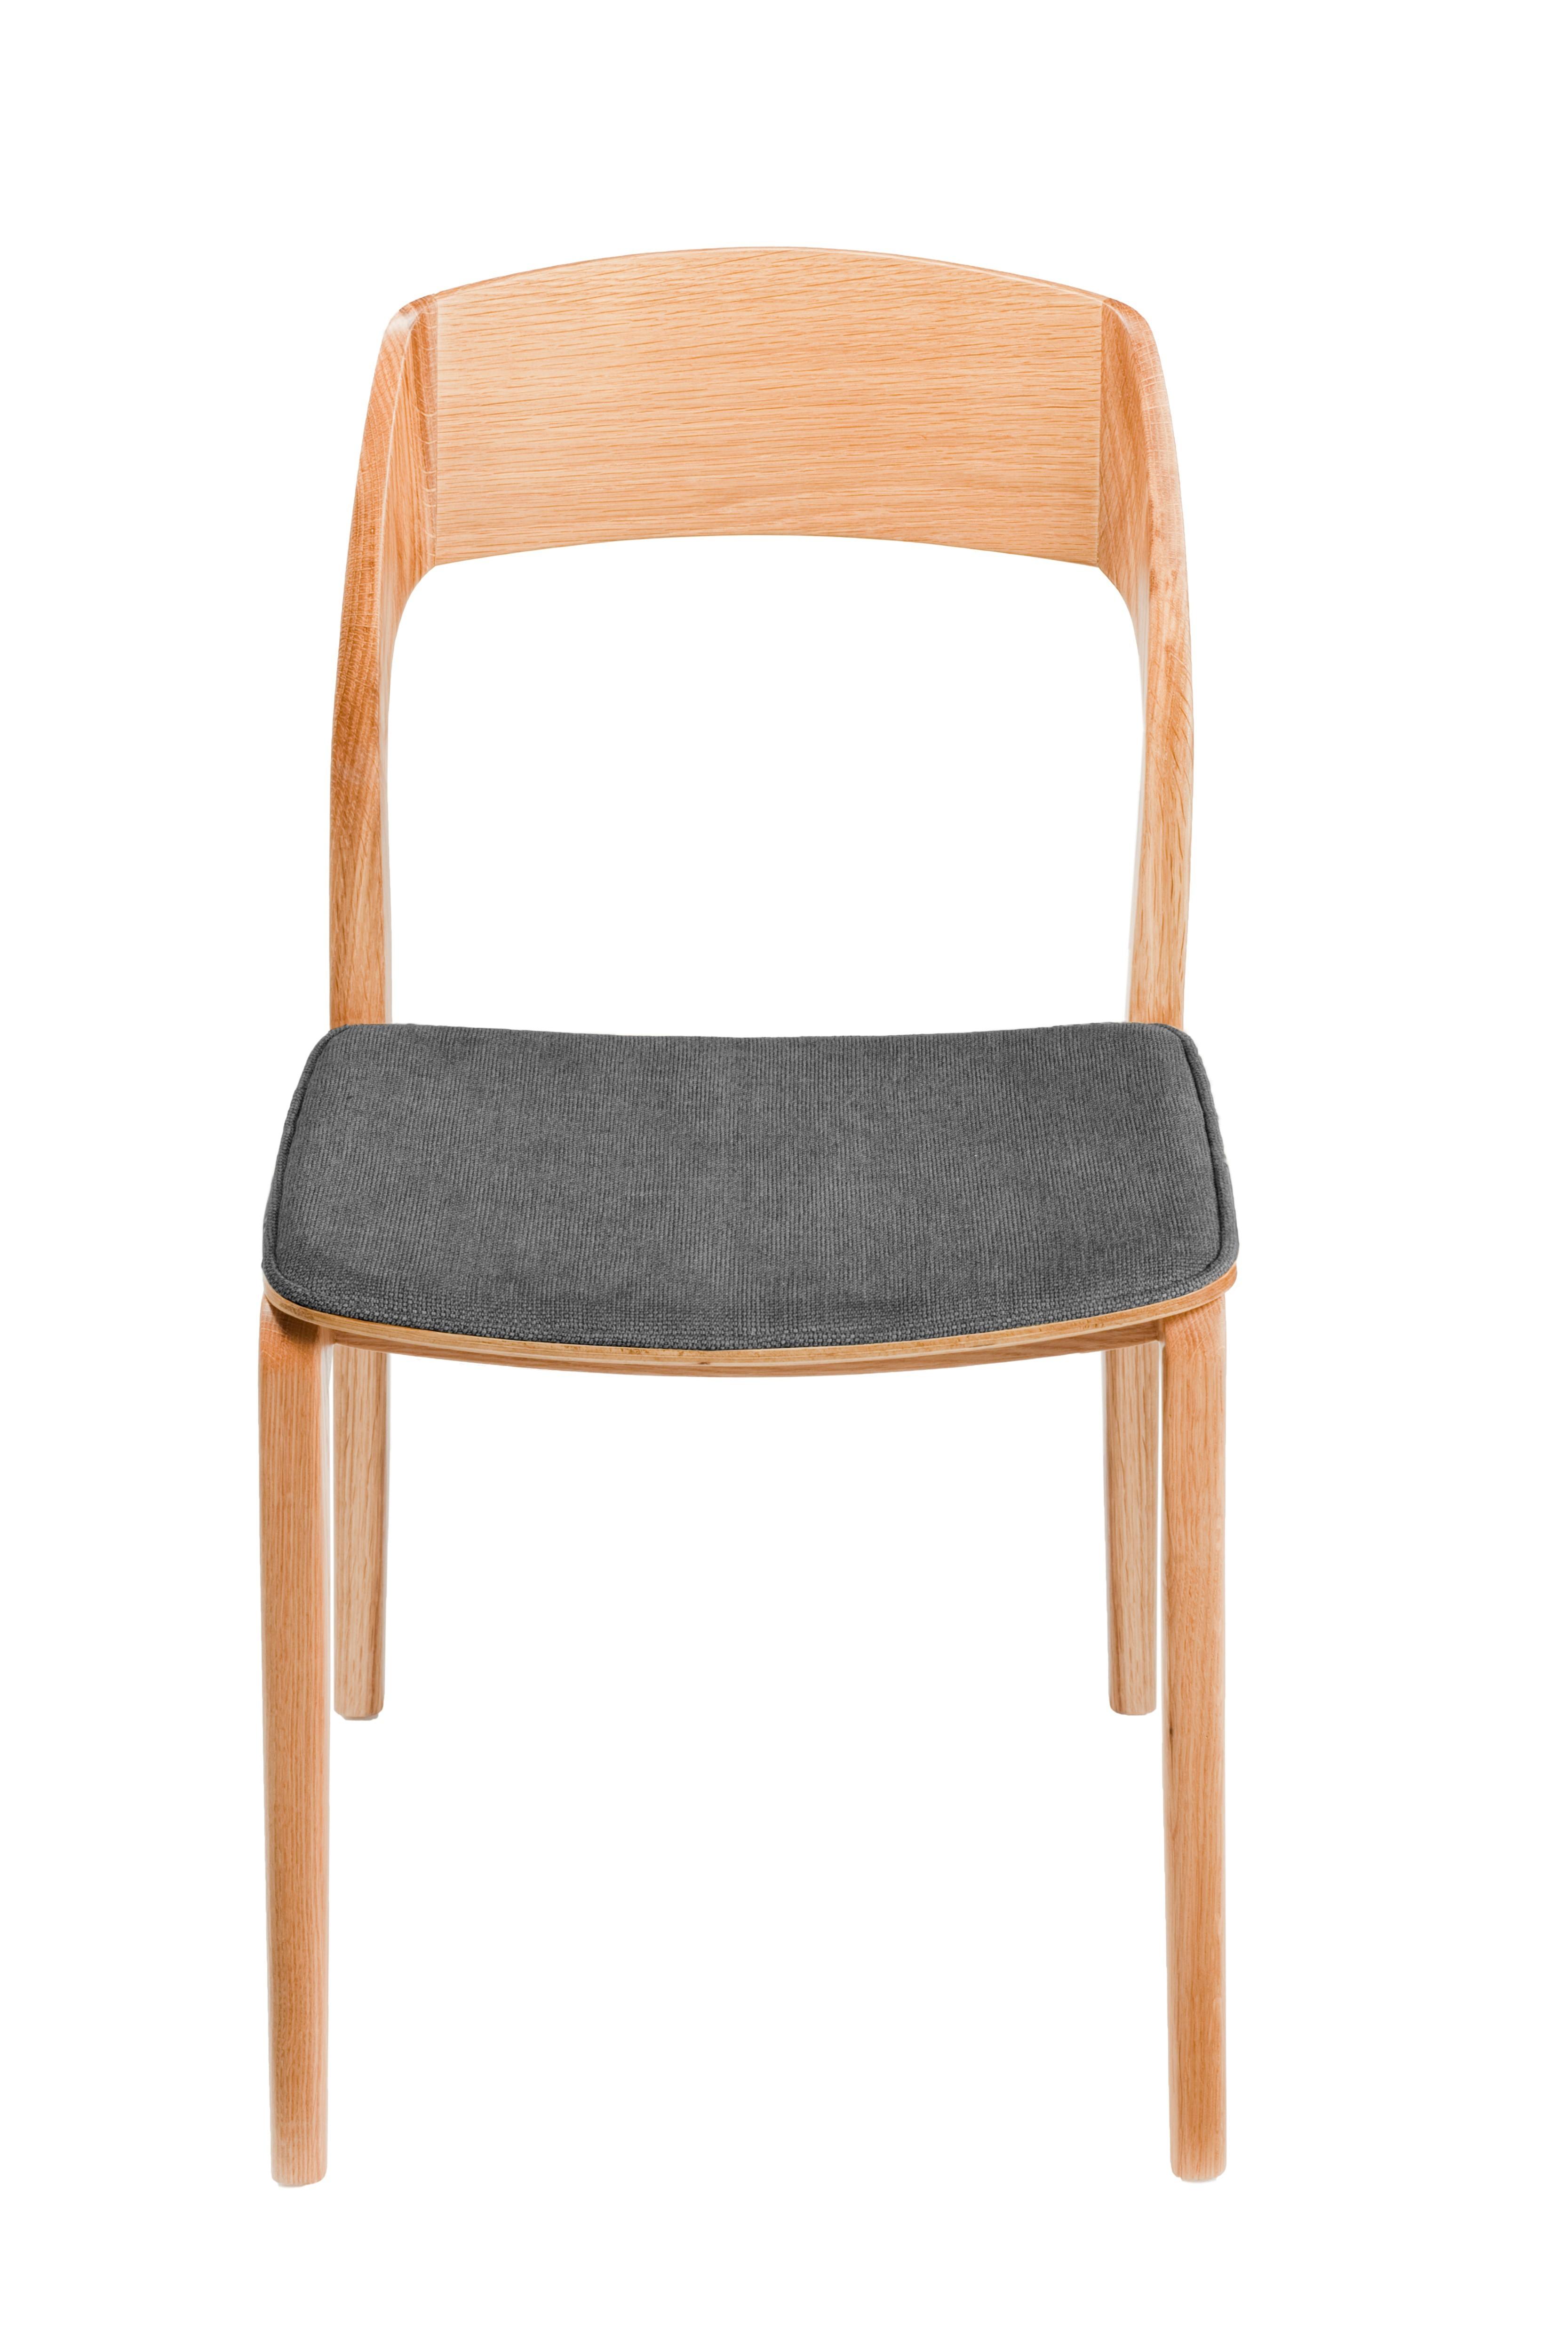 Edition2 Chaise Chaise Coloris Red De 5L4jRA